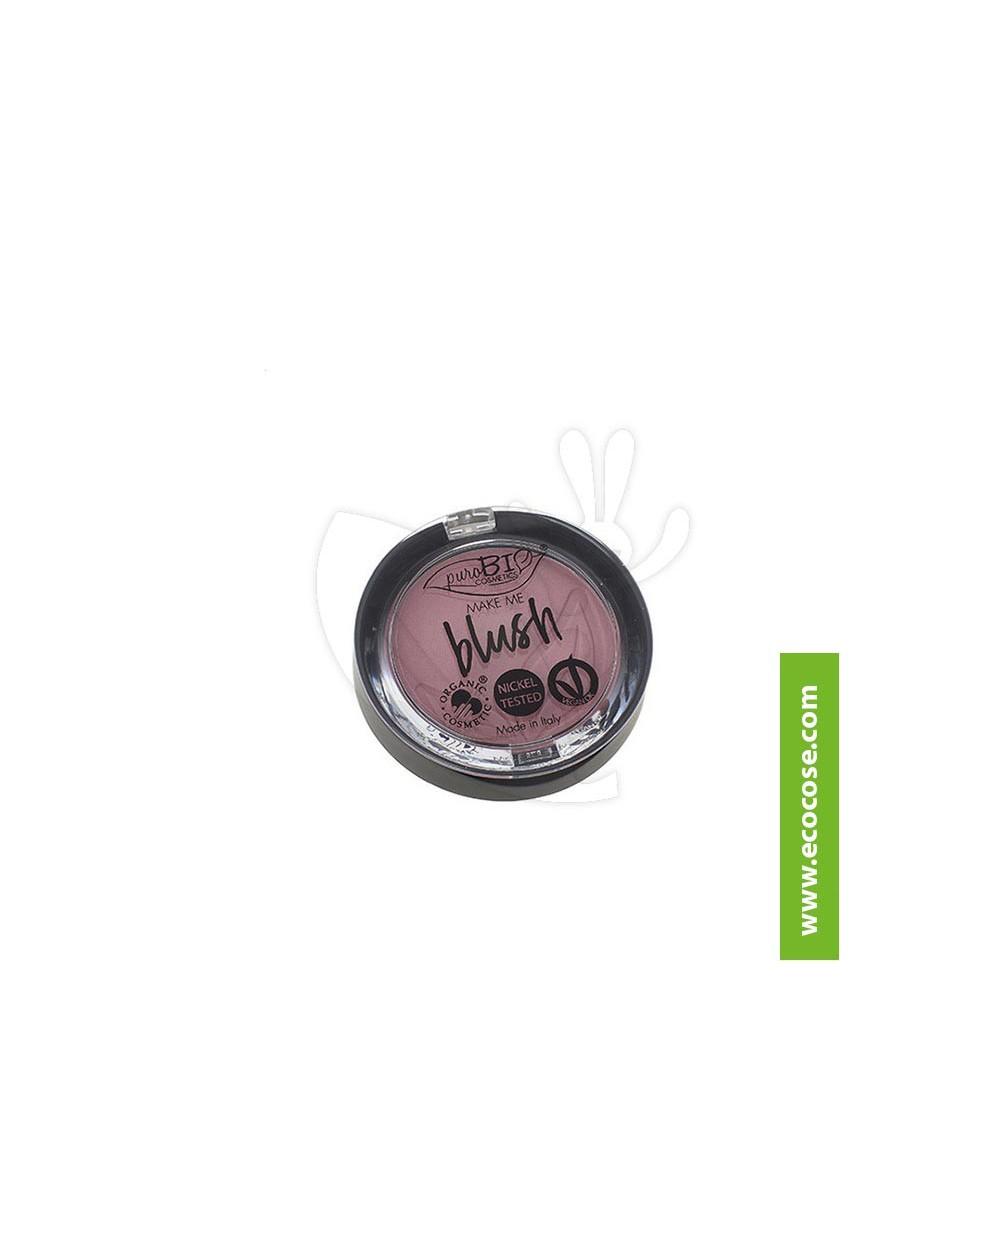 PuroBIO Cosmetics - Blush 05 Watermelon